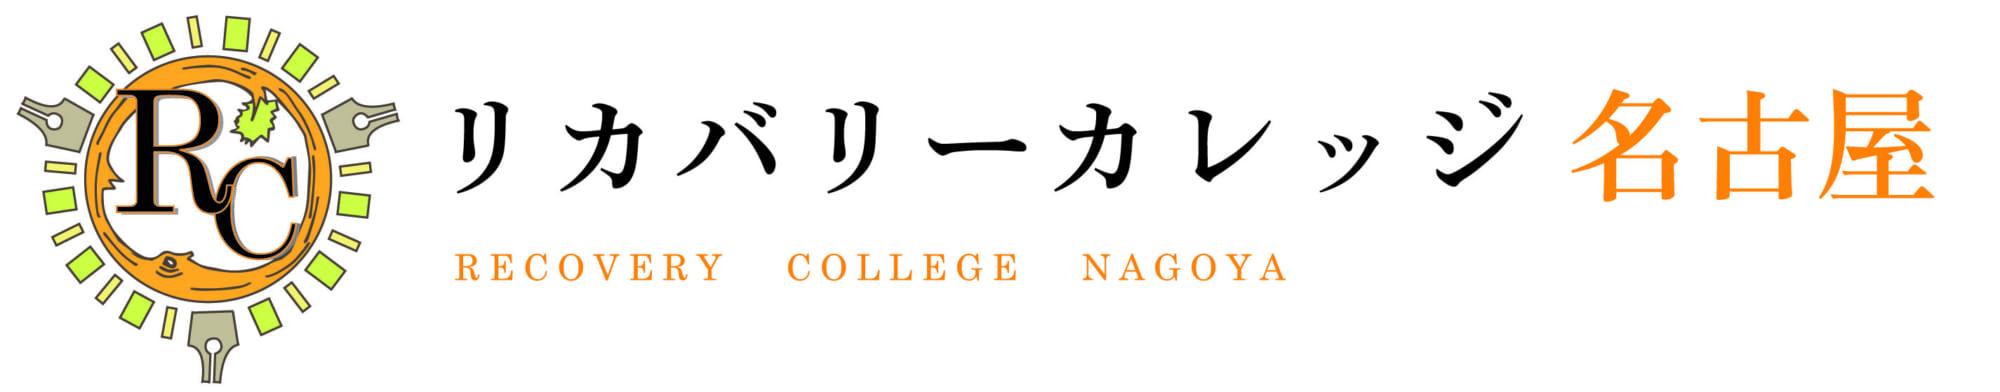 リカバリーカレッジ名古屋